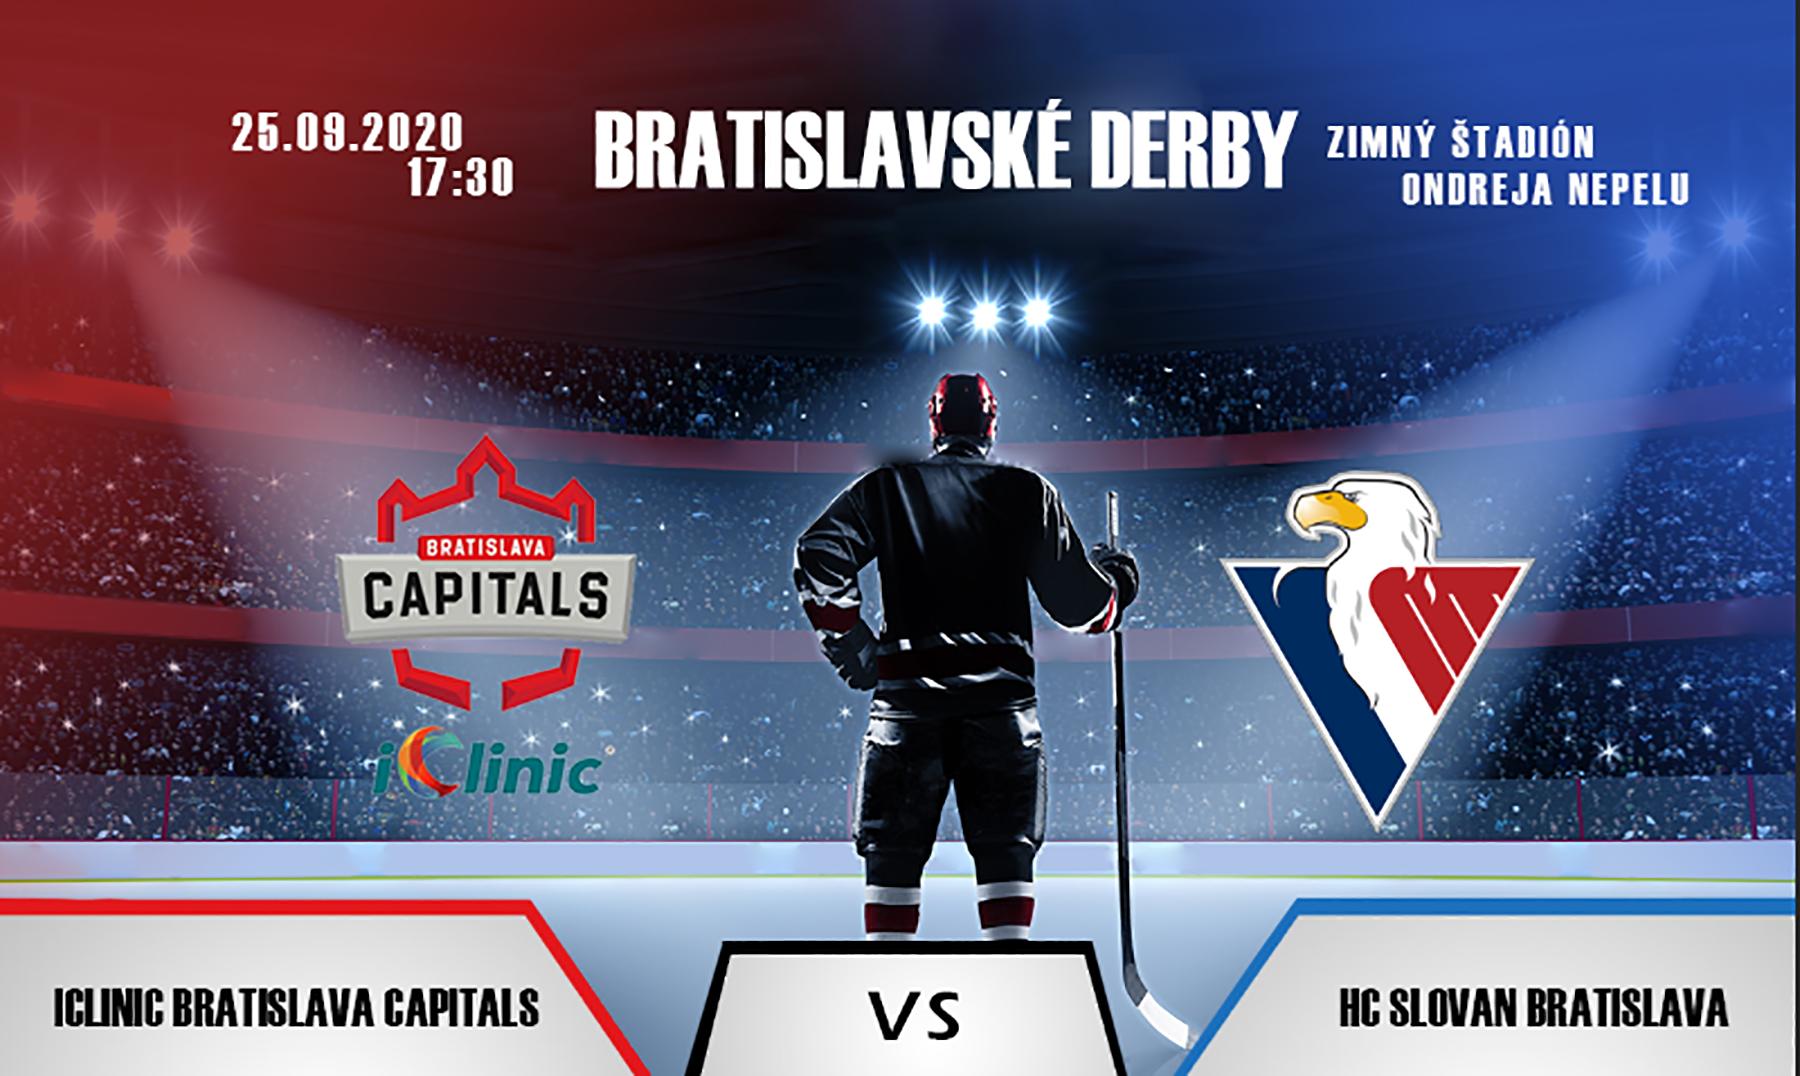 Bratislavské derby